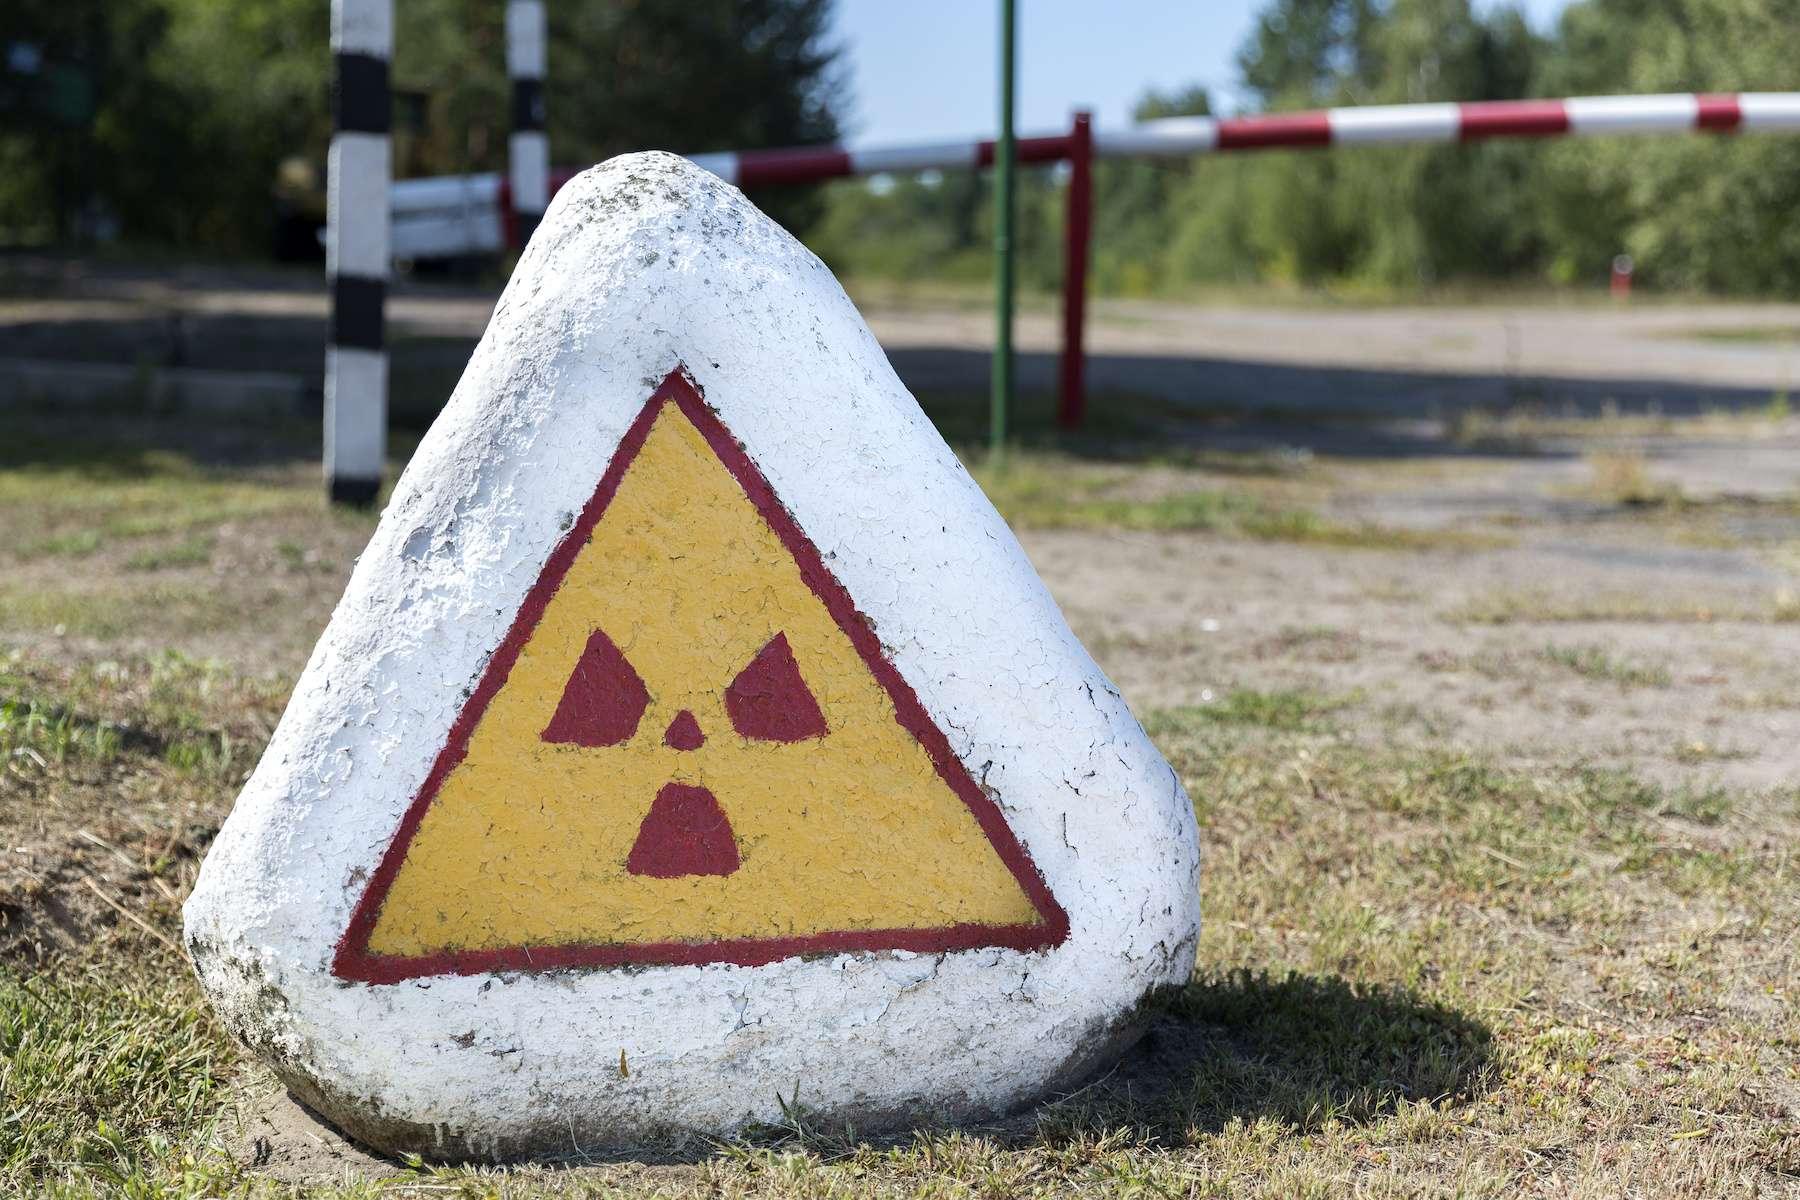 Une radioactivité naturelle supérieure à 1,8 millisievert par an réduirait le taux de cancer. © Harald Biebel, Adobe Stock